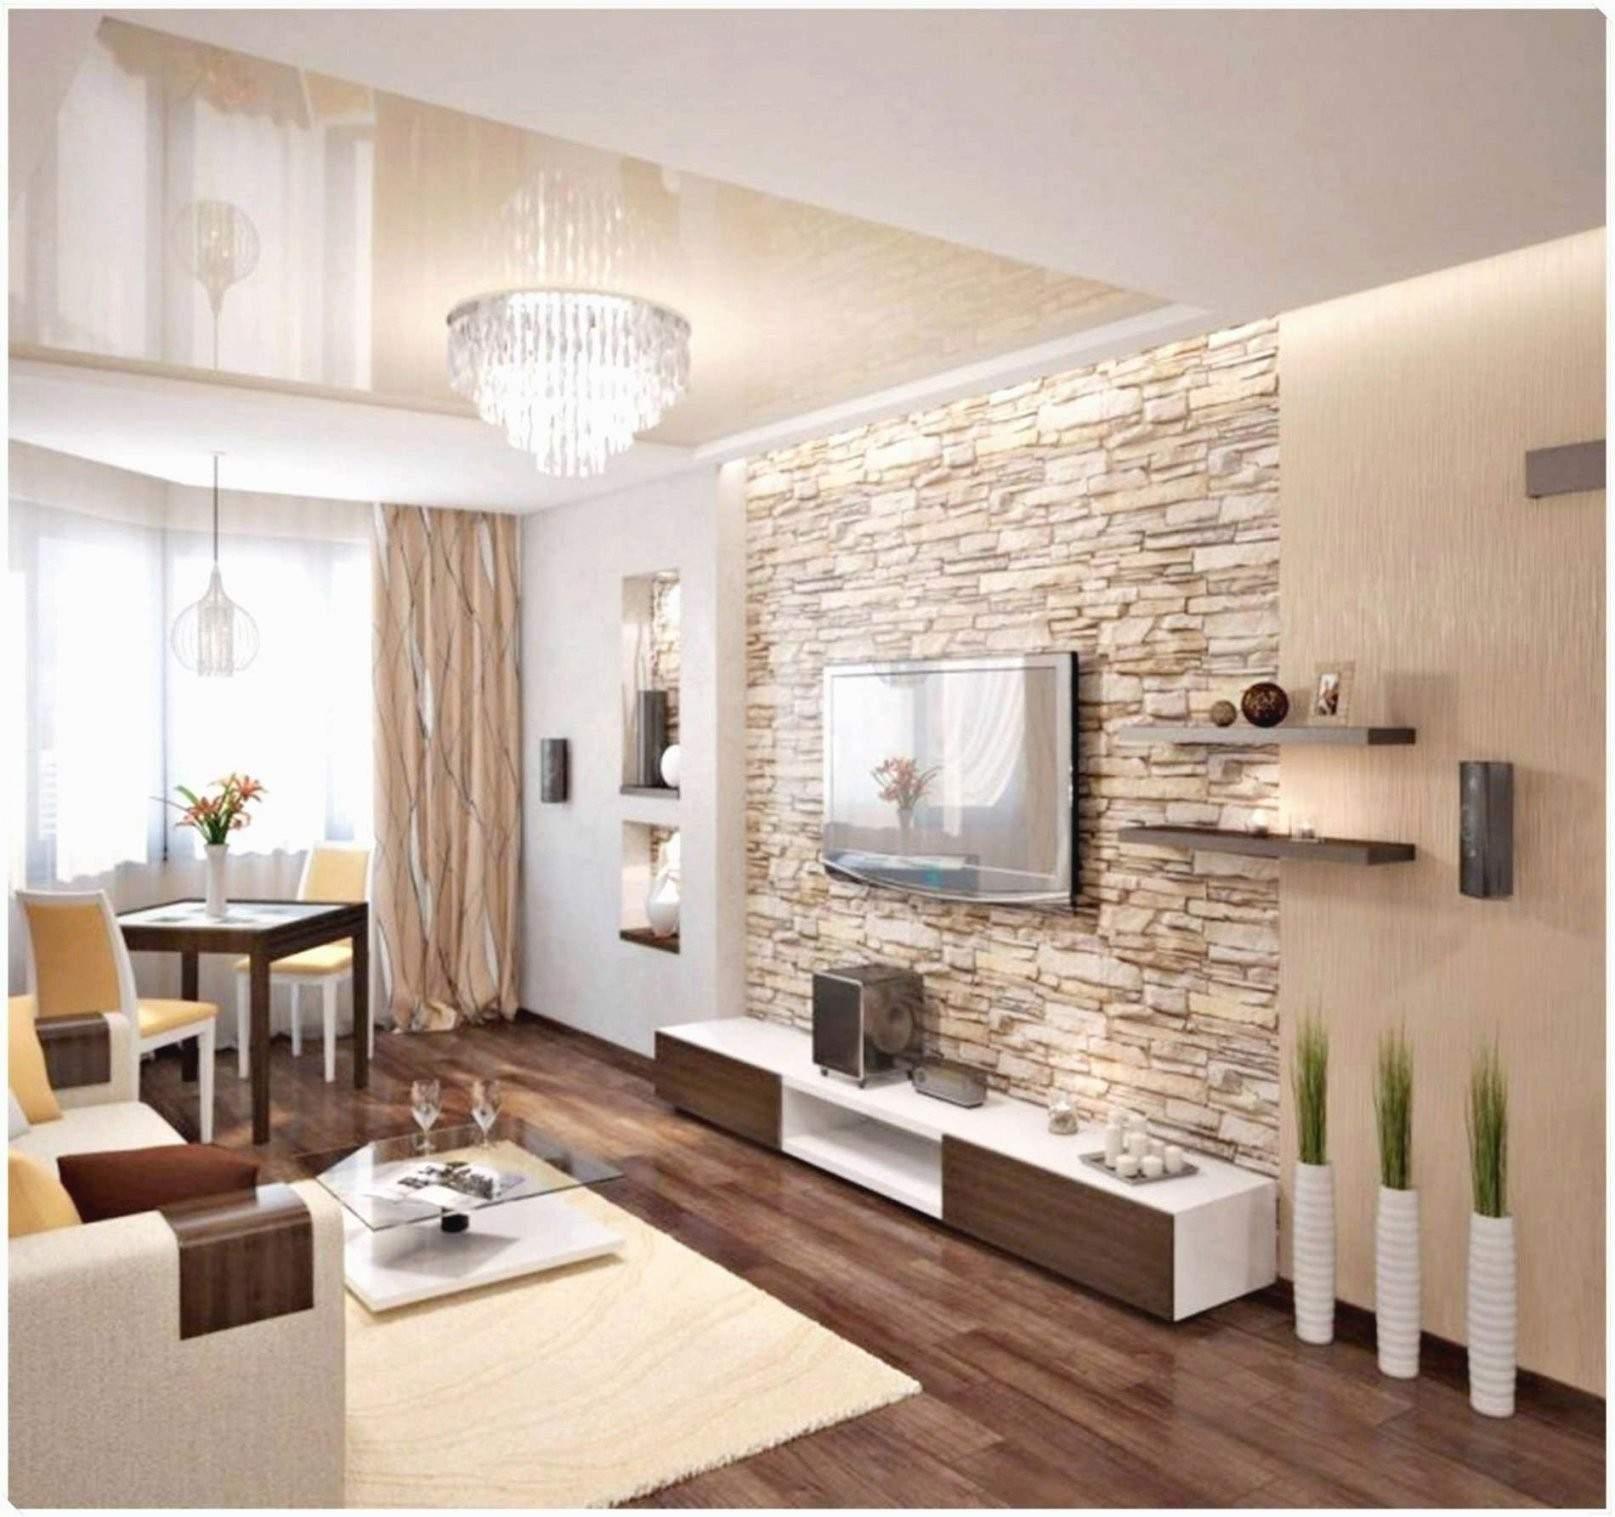 Full Size of Liege Wohnzimmer Verstellbar Schaukelliege Wohnzimmer Liege Sofa Wohnzimmer Liege Für Wohnzimmer Wohnzimmer Liege Wohnzimmer